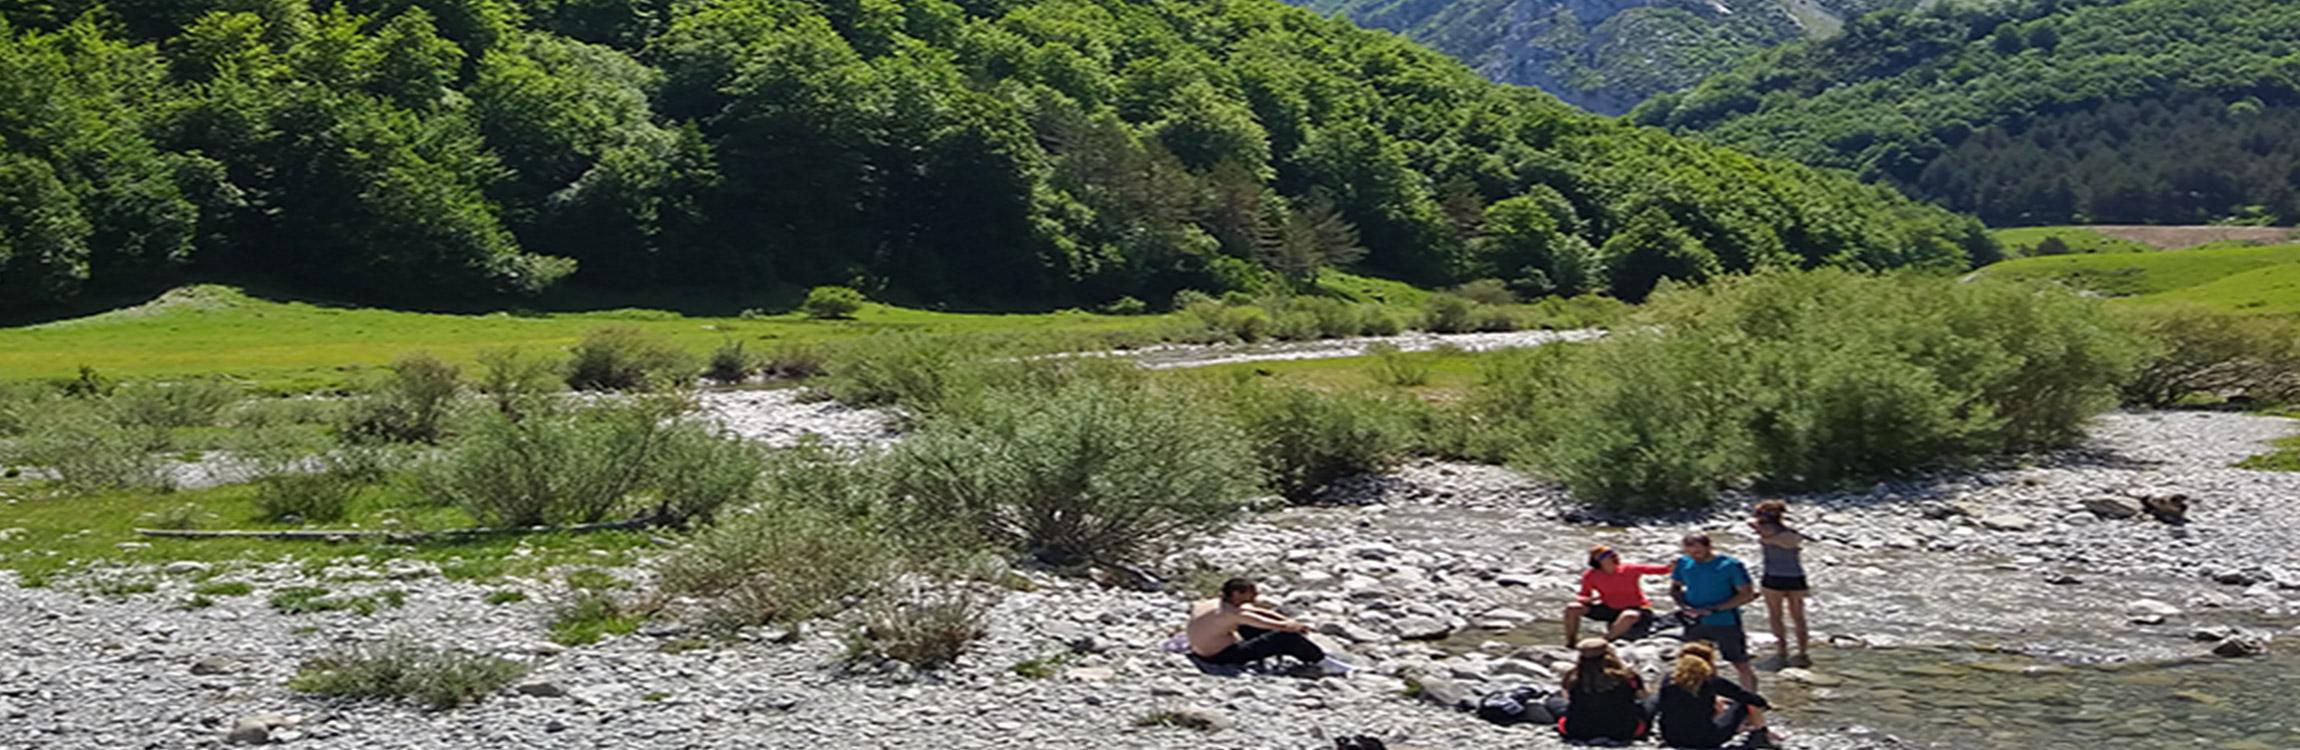 Imagen de la noticia Intercambio juvenil en Pirineos Atlánticos